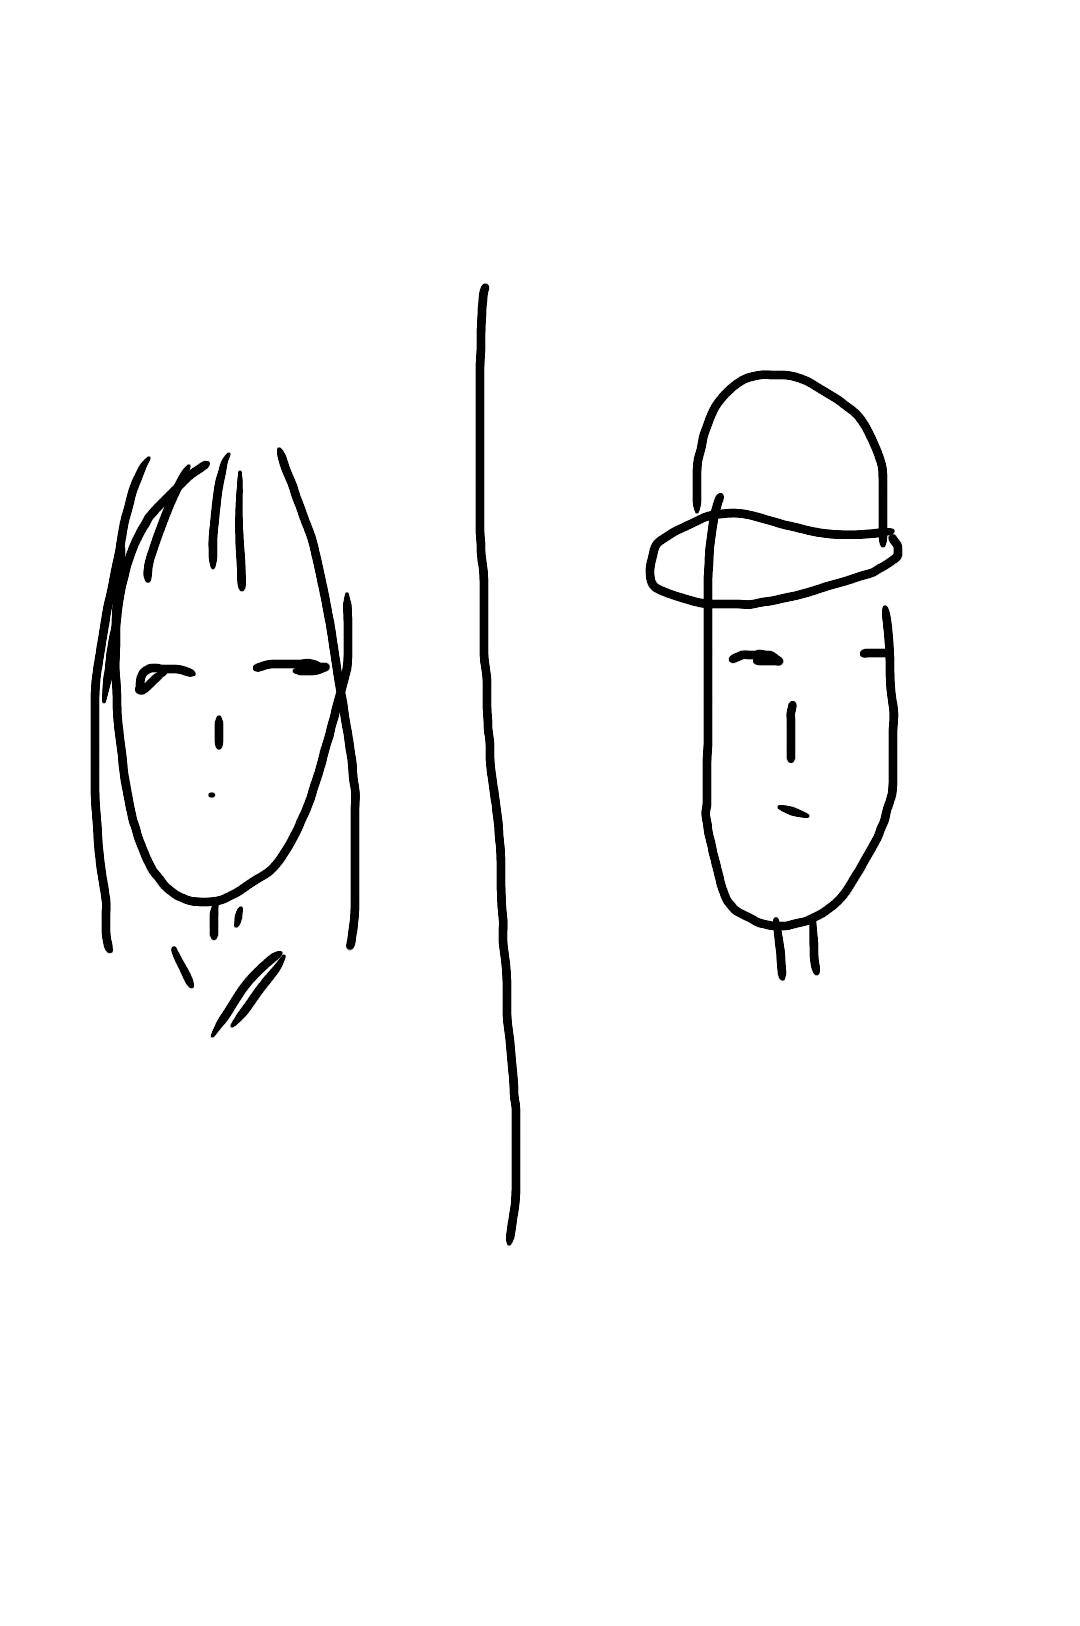 ガルちゃんでよく見る画像を記憶だけを頼りに描くトピ